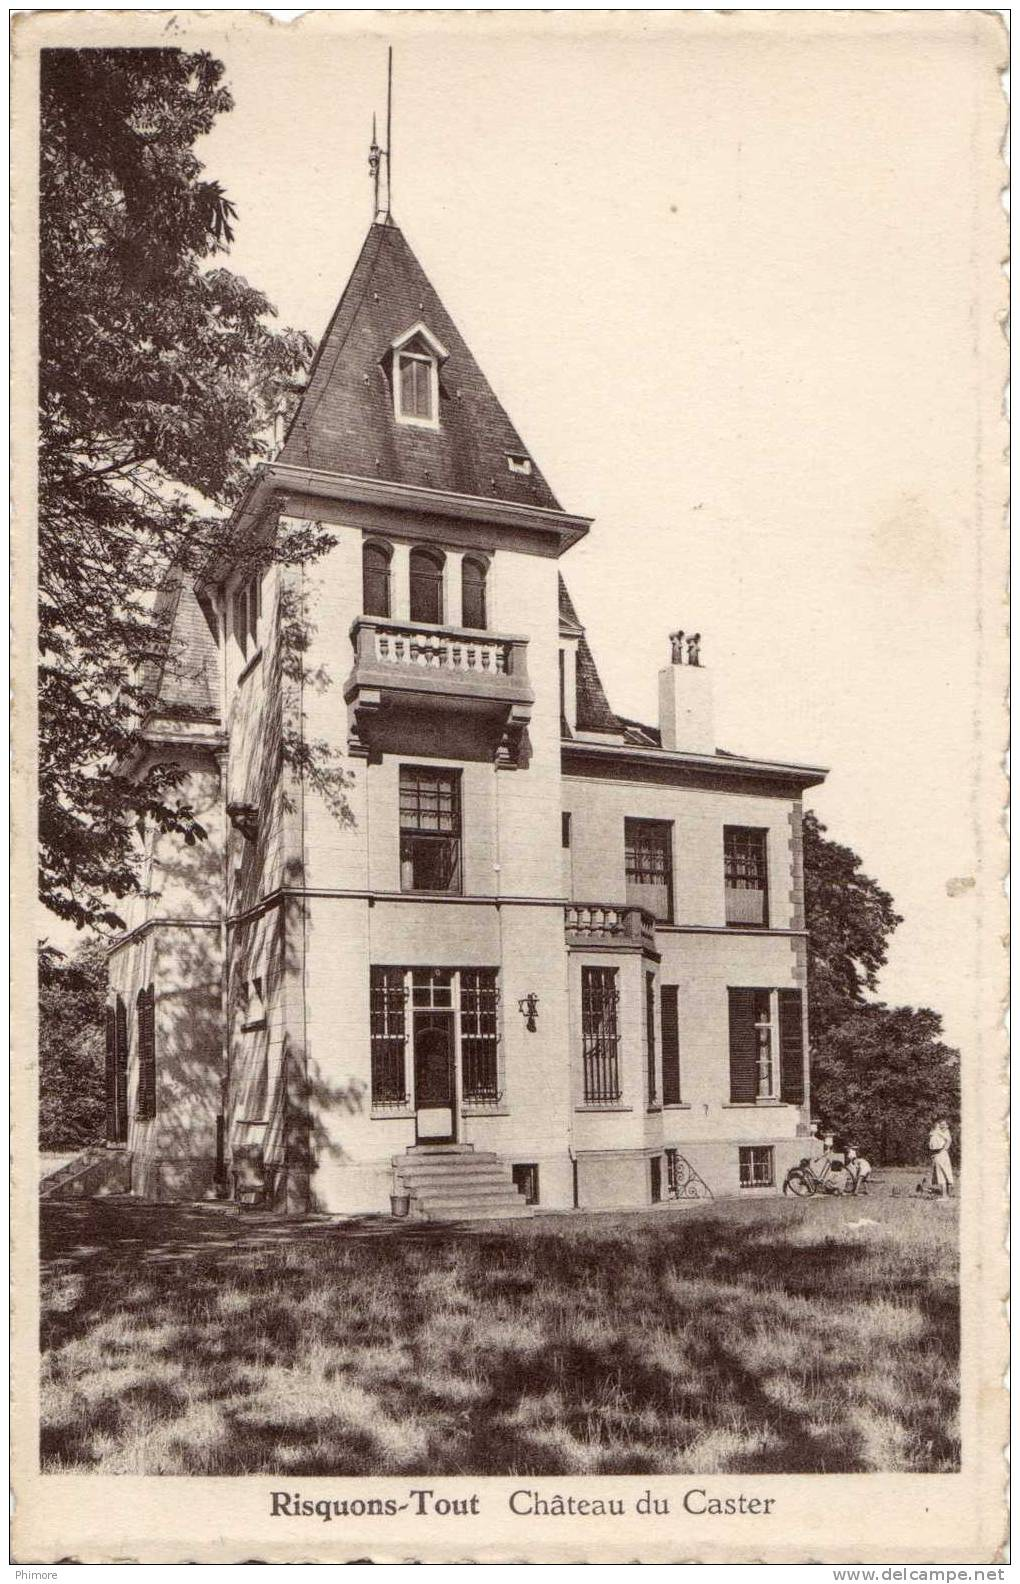 Caster-chateau-Mouscron-Screpel.jpg